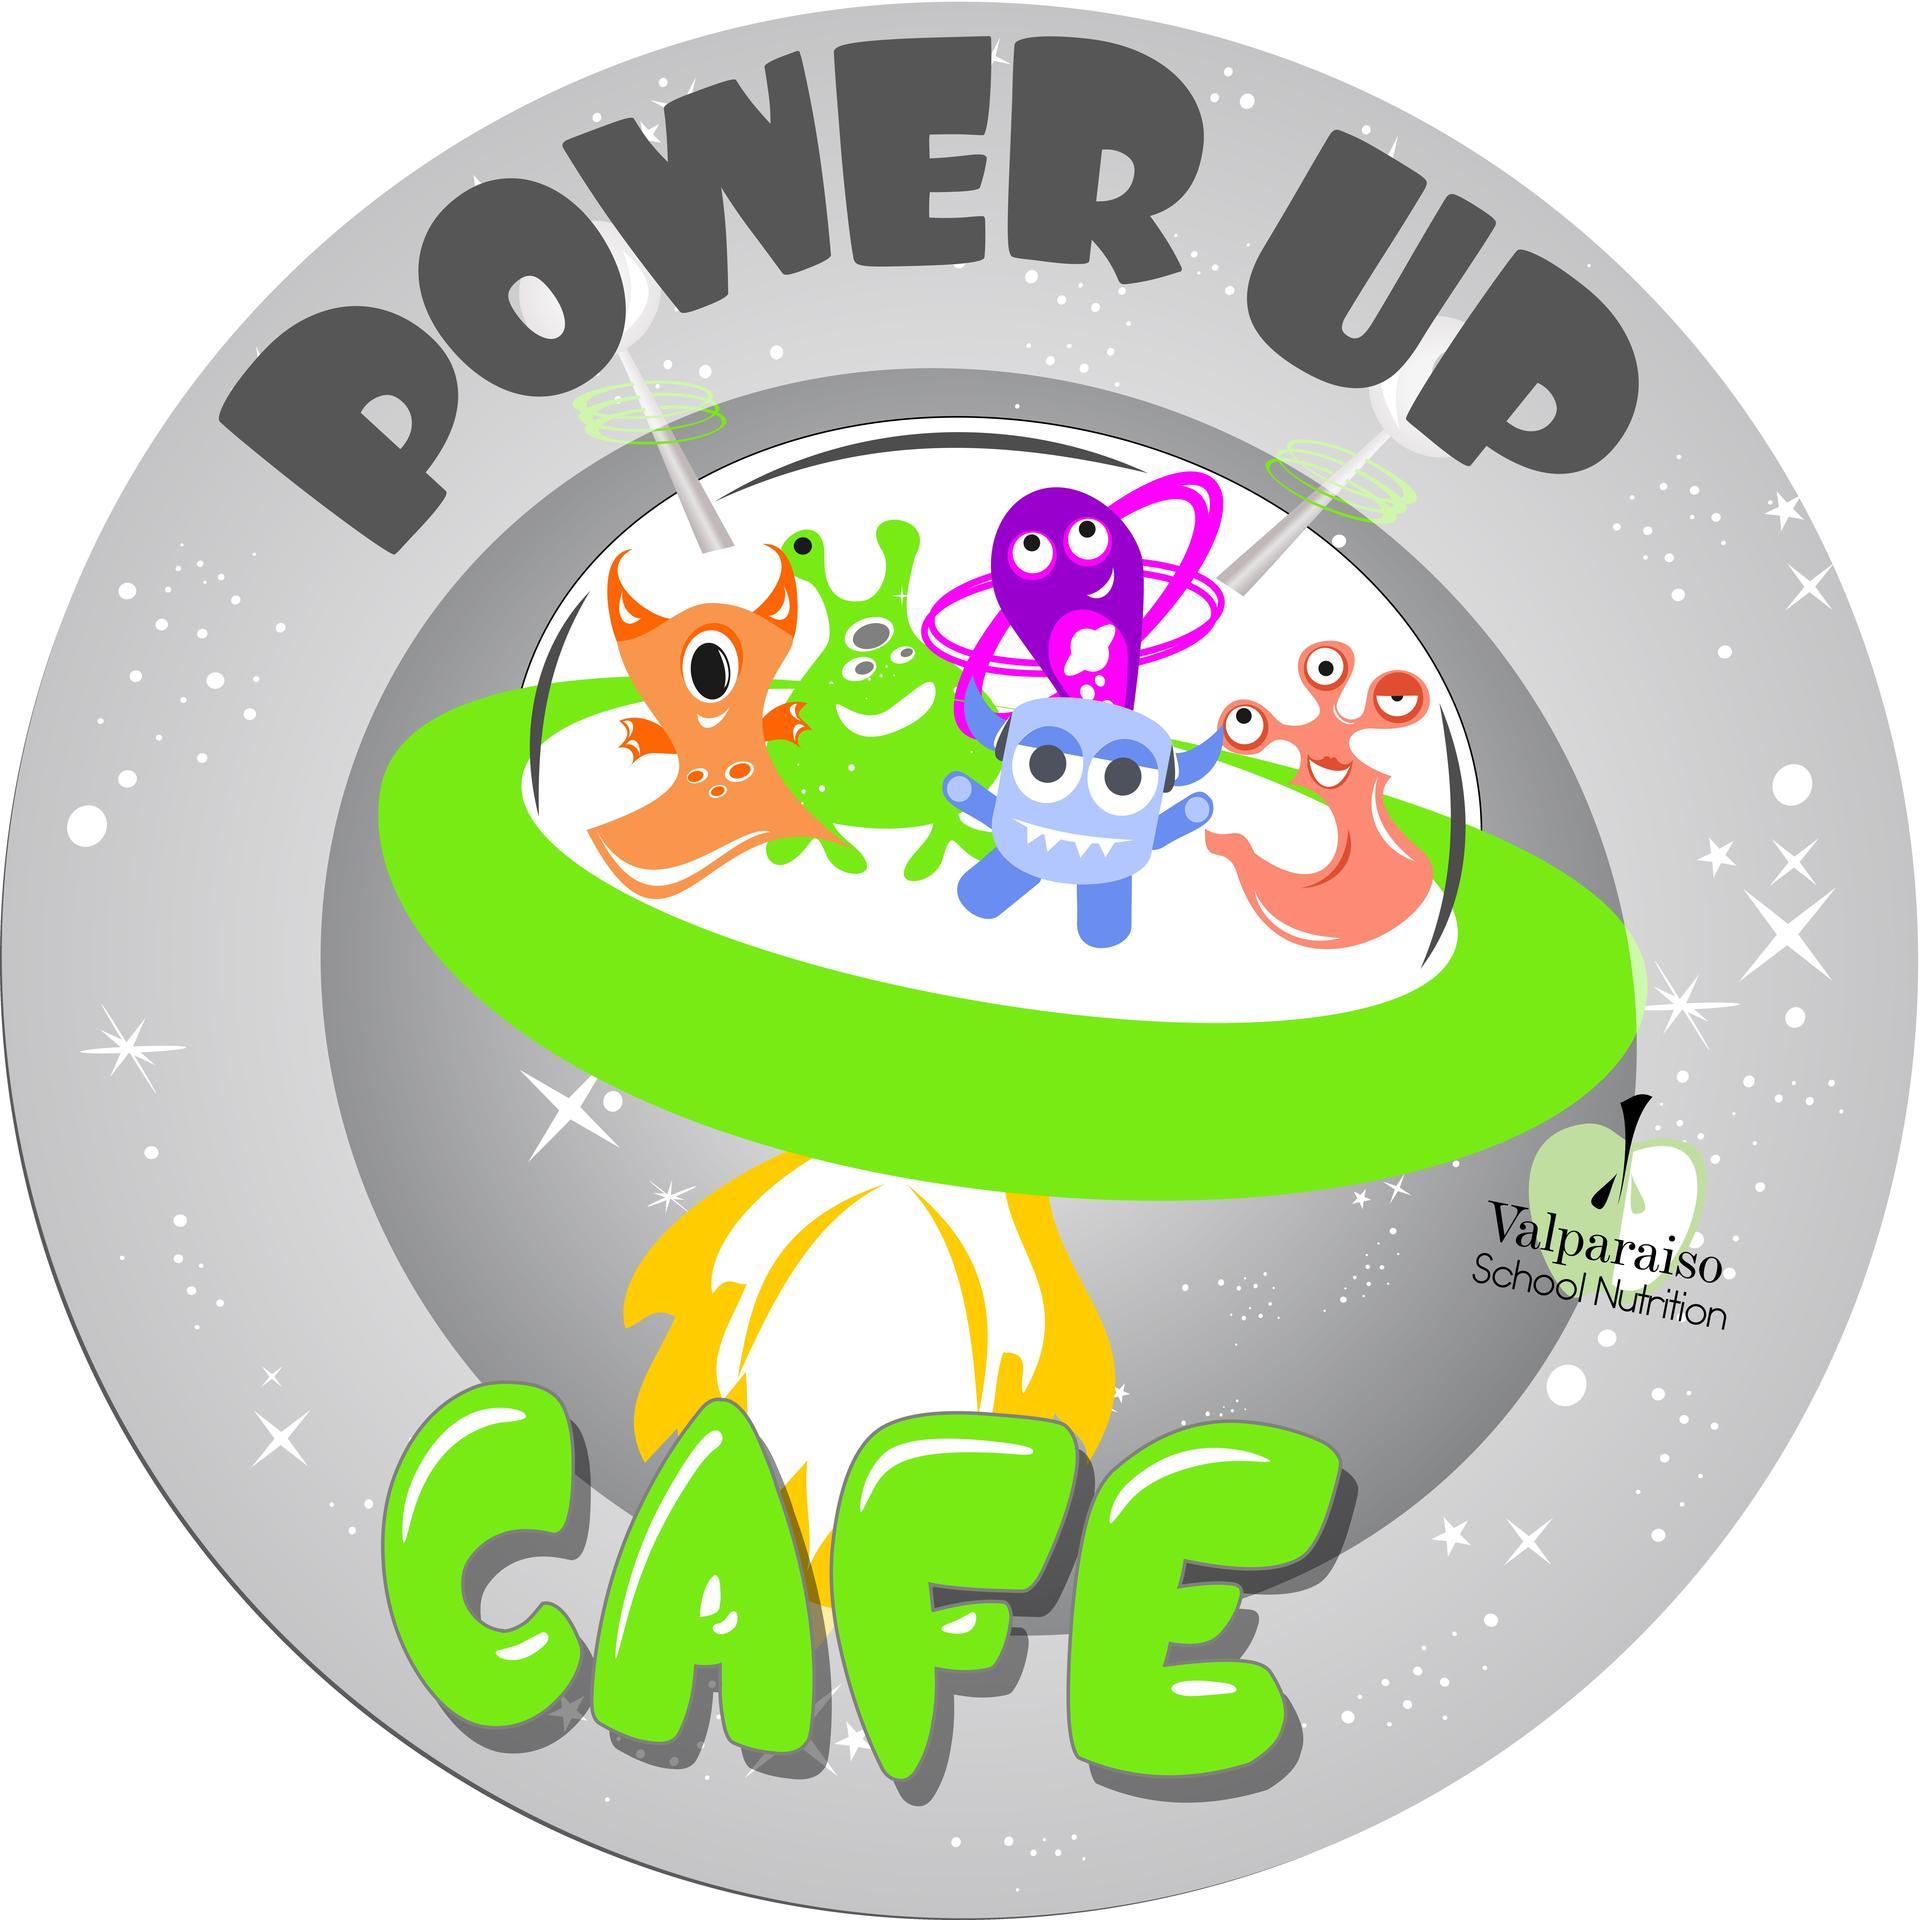 Power Up Cafe Logo